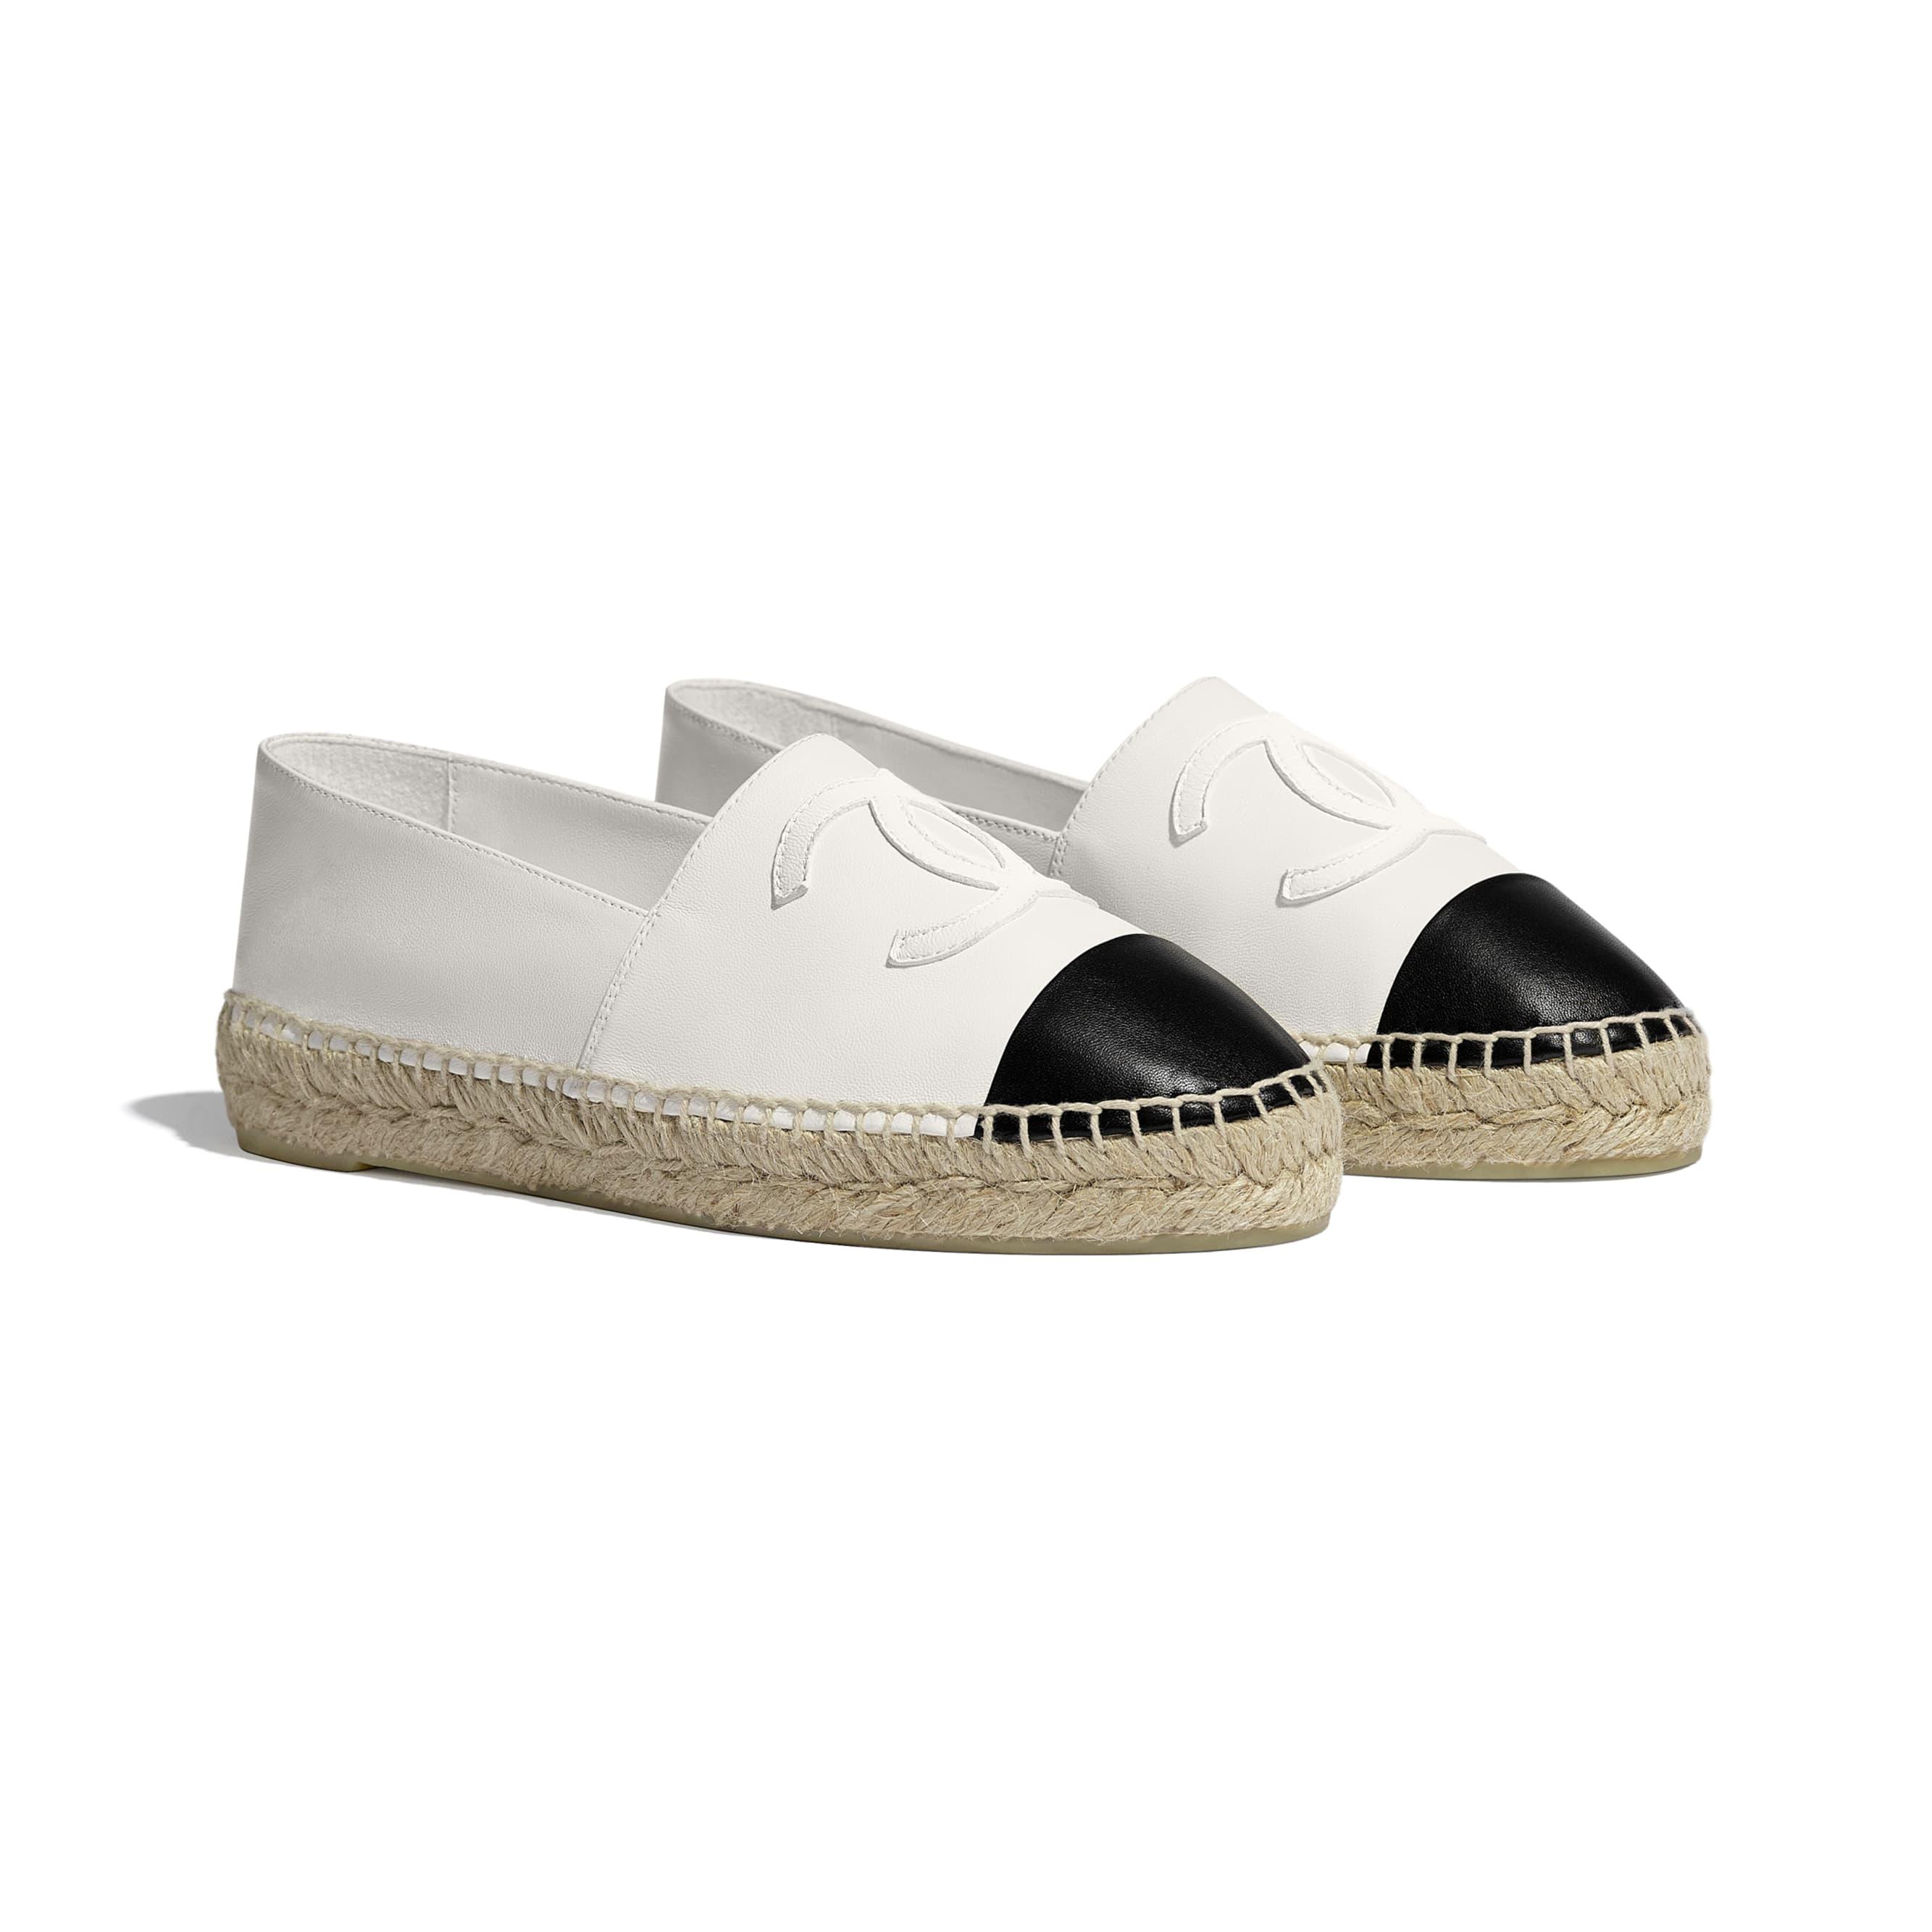 草編鞋 - 白與黑 - 小羊皮 - 替代視圖 - 查看標準尺寸版本